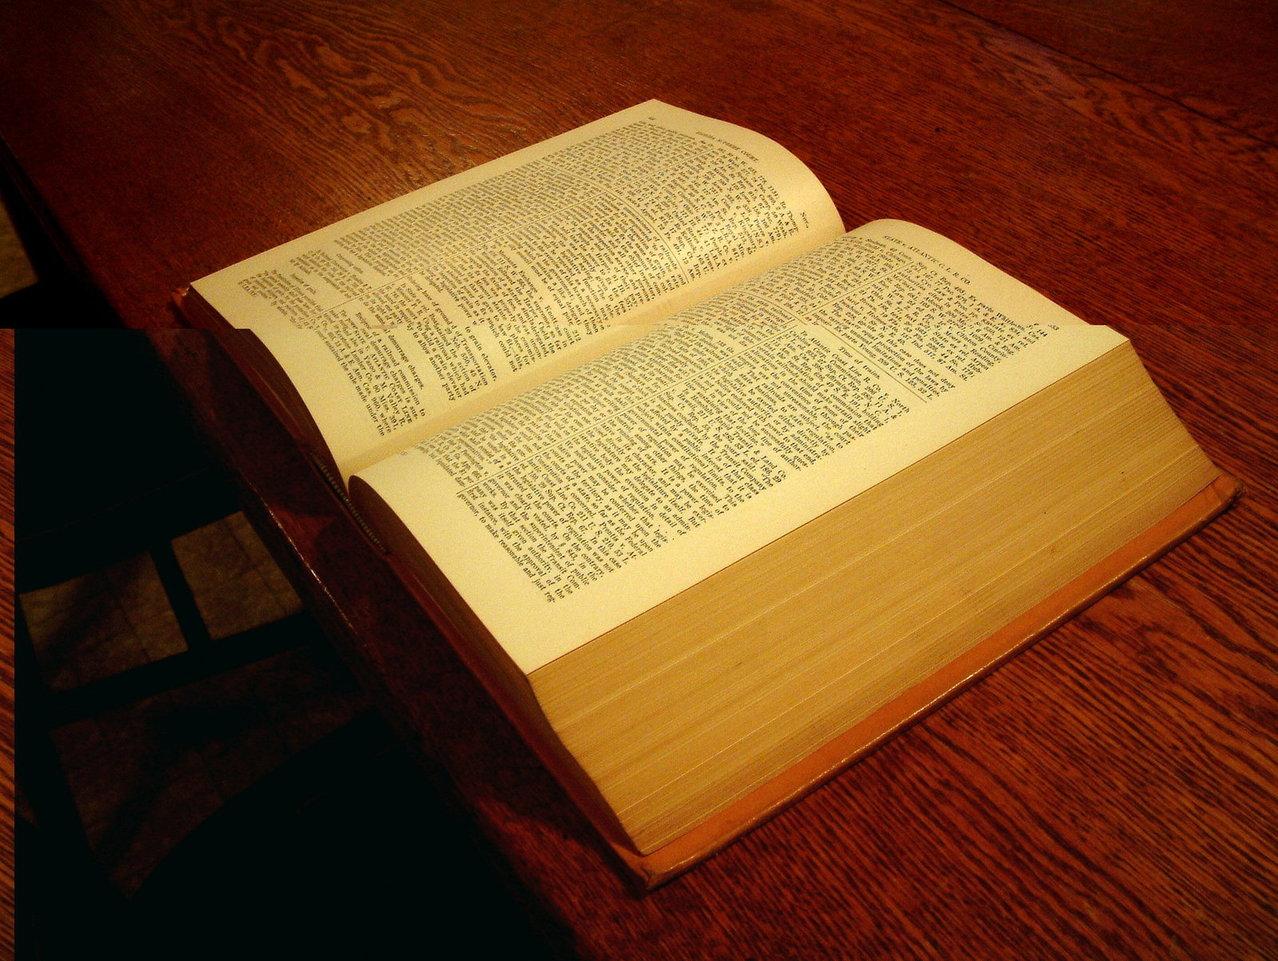 Studiując prawo trzeba przyswoić ogromną wiedzę